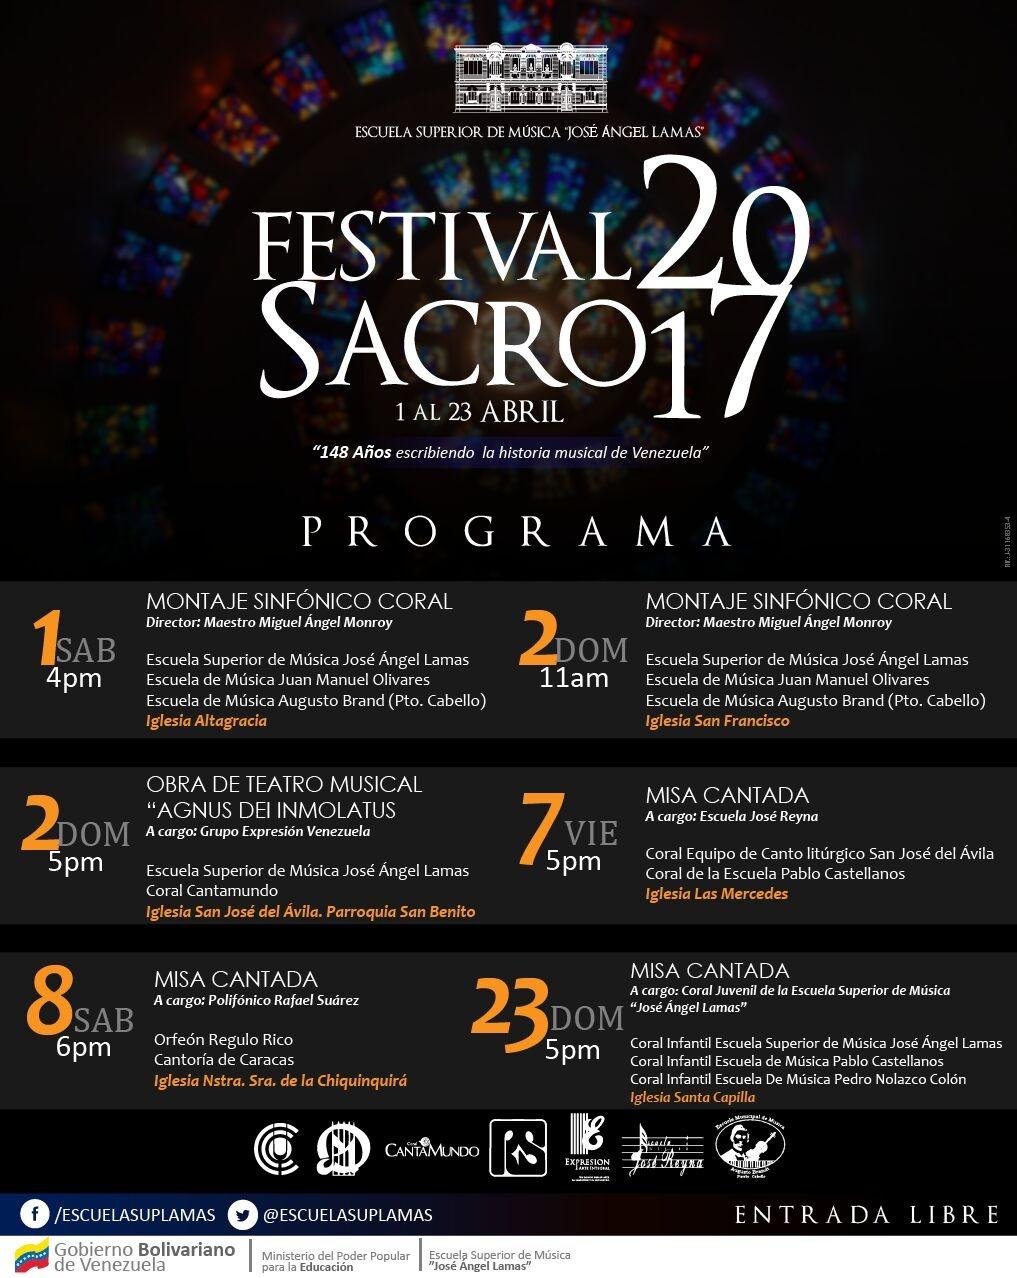 Infocoral Venezuela Festival Sacro 2017de La Escuela